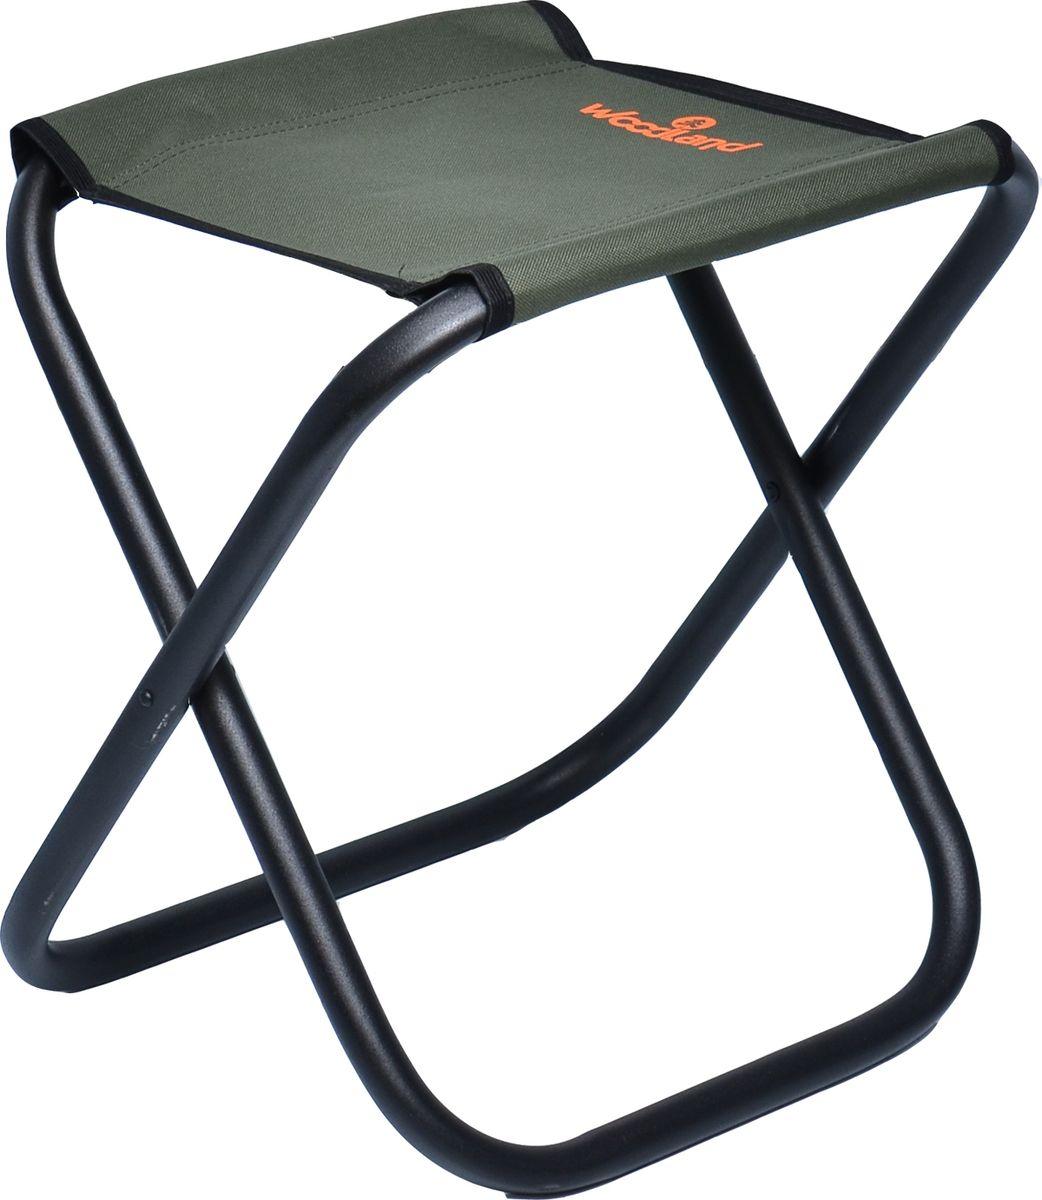 Стул складной Woodland Compact New, кемпинговый, 40 x 30 х 40 см, цвет: зеленый стул складной 400х300х300 мм